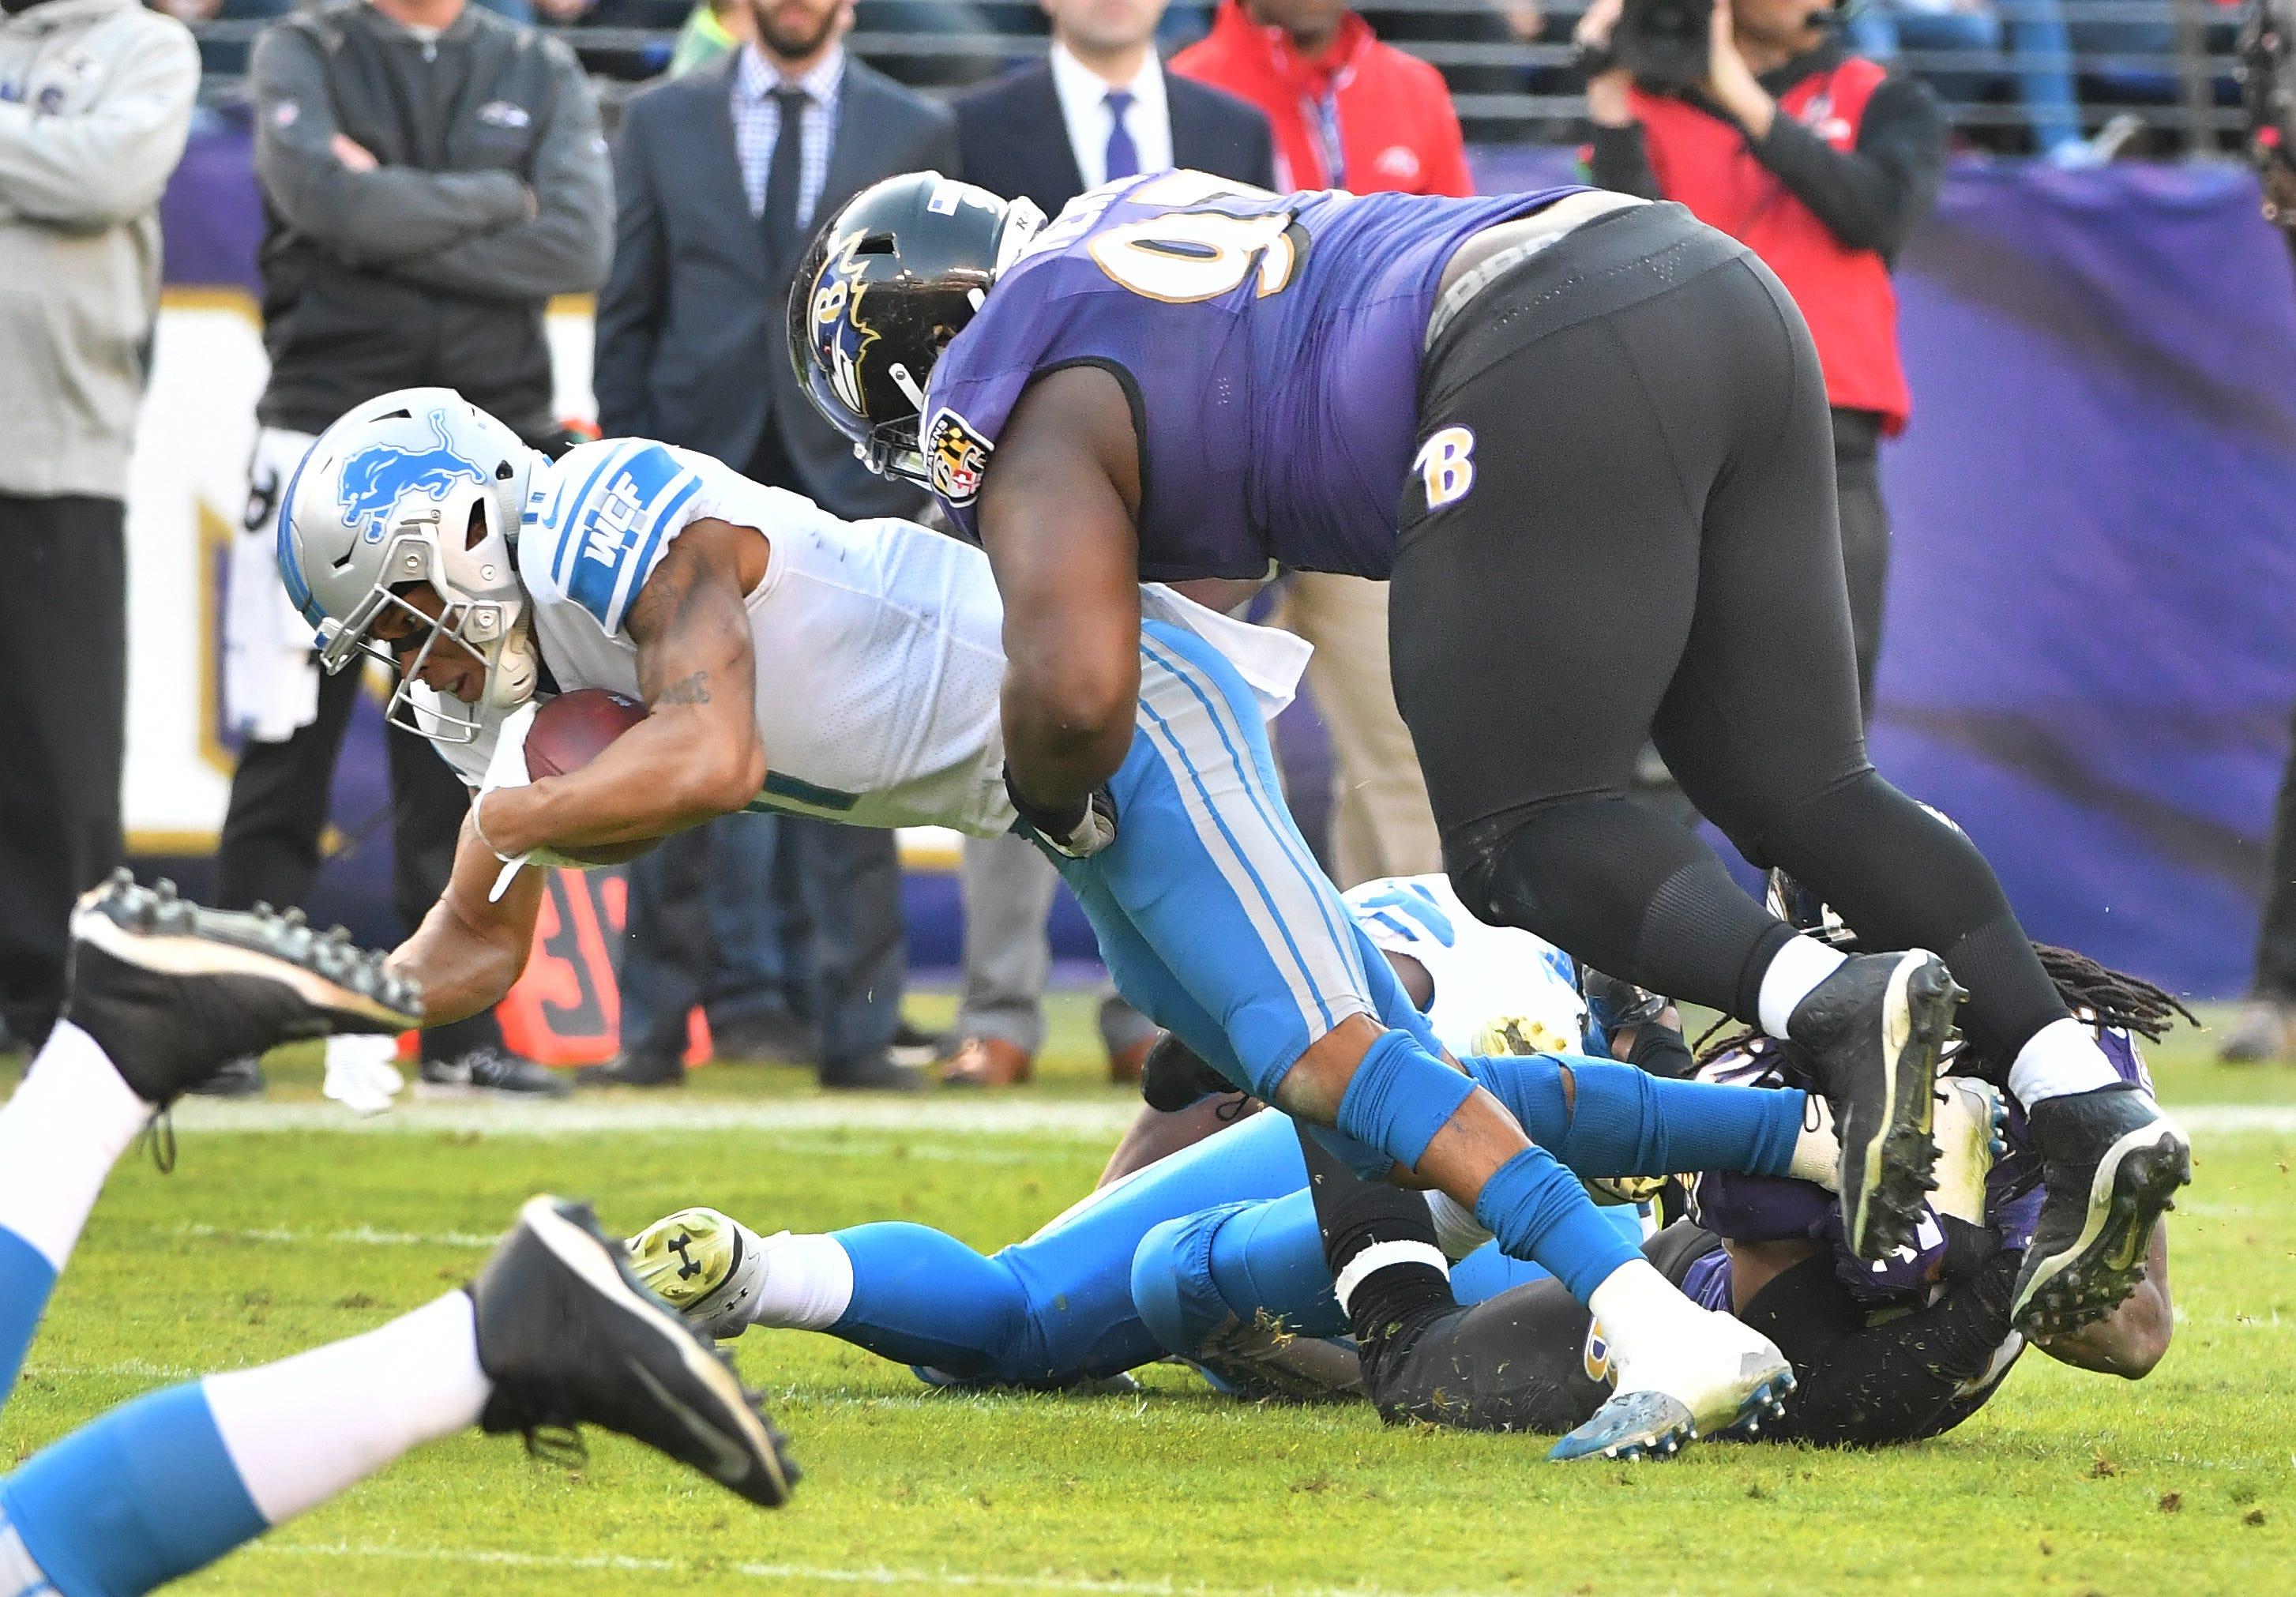 Lions' Marvin Jones Jr. is hit by Ravens' Michael Pierce